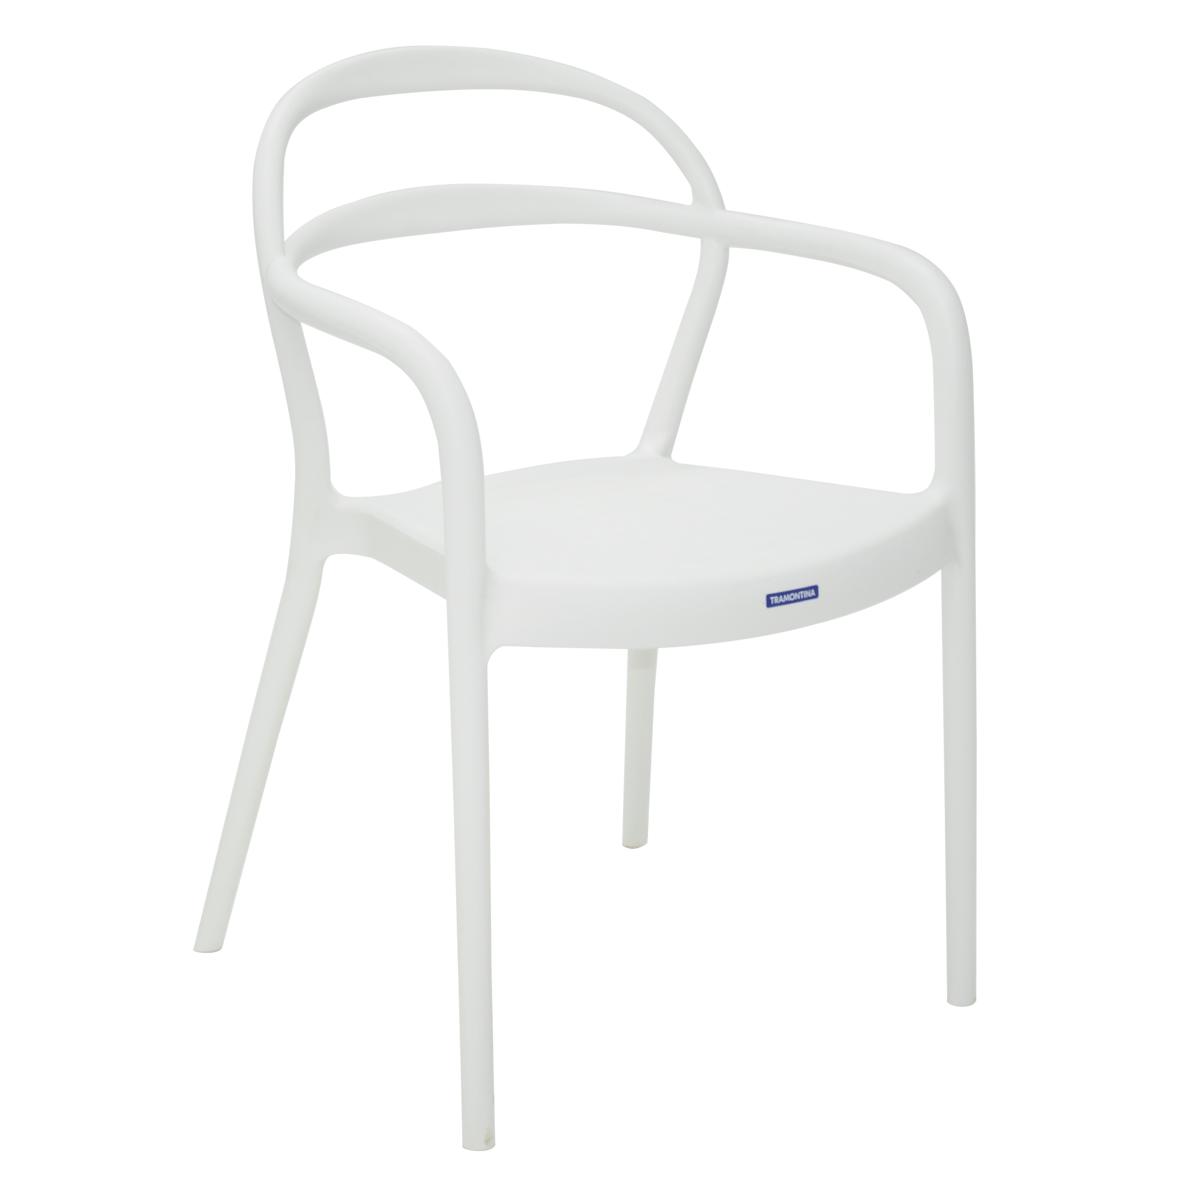 Cadeira Tramontina Sissi Branca com Braços em Polipropileno e Fibra de Vidro 92045010